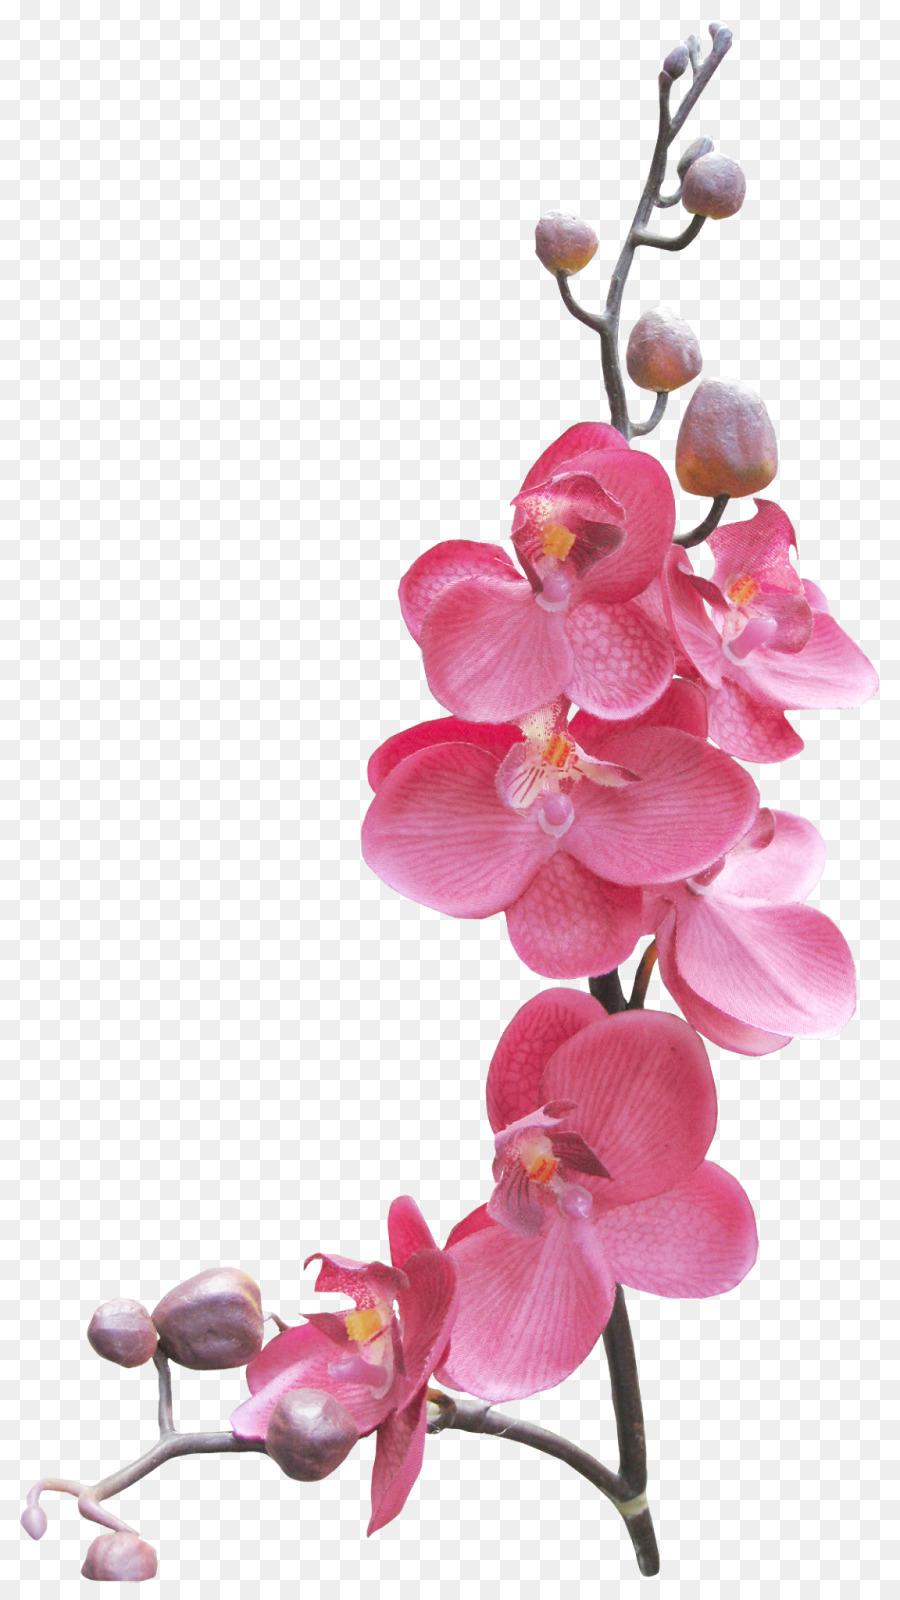 Descarga gratuita de Marcos De Imagen, La Fotografía, Dibujo imágenes PNG